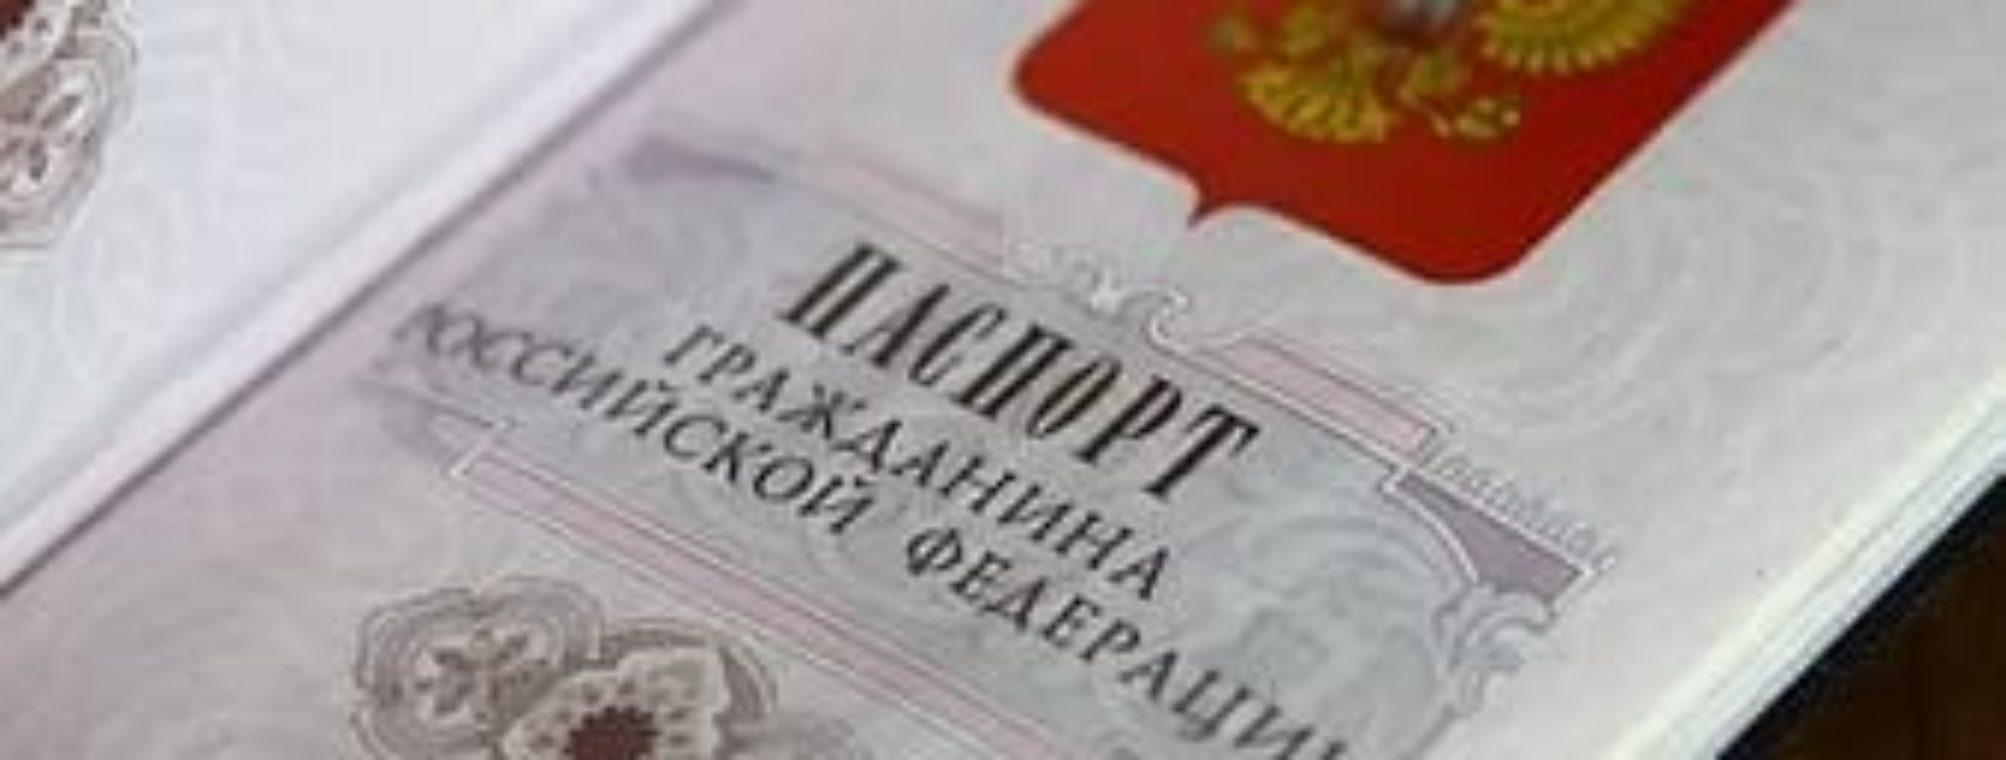 Как получить в упрощенном порядке российское гражданство